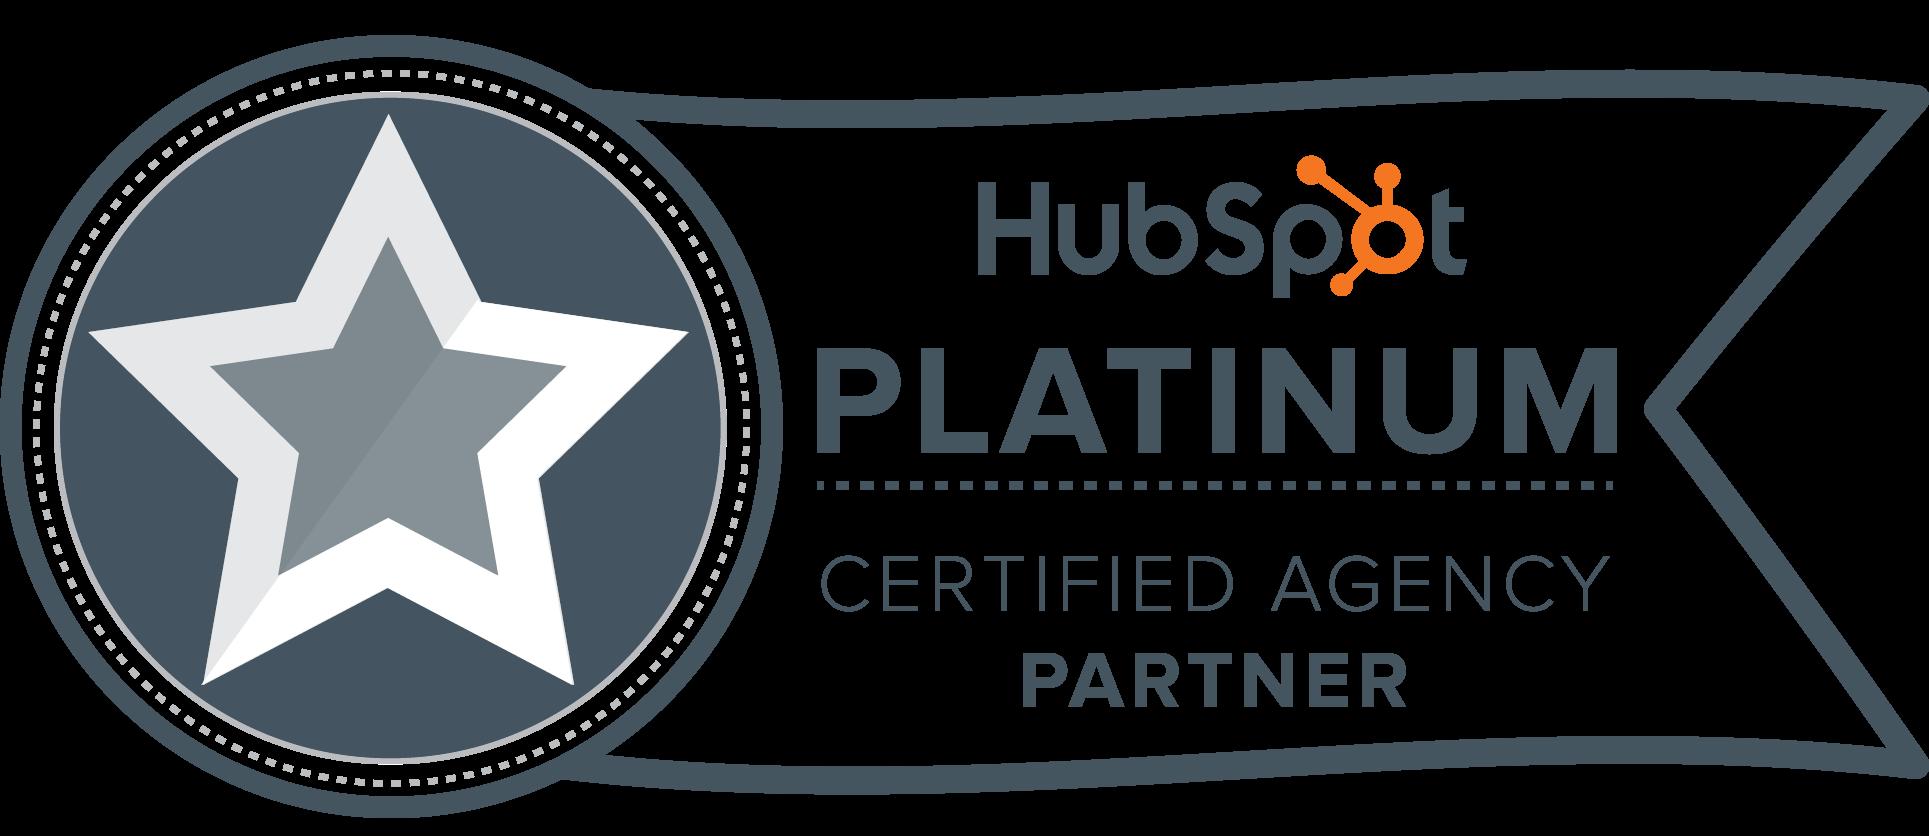 HubSpot Platinum Agency Partner